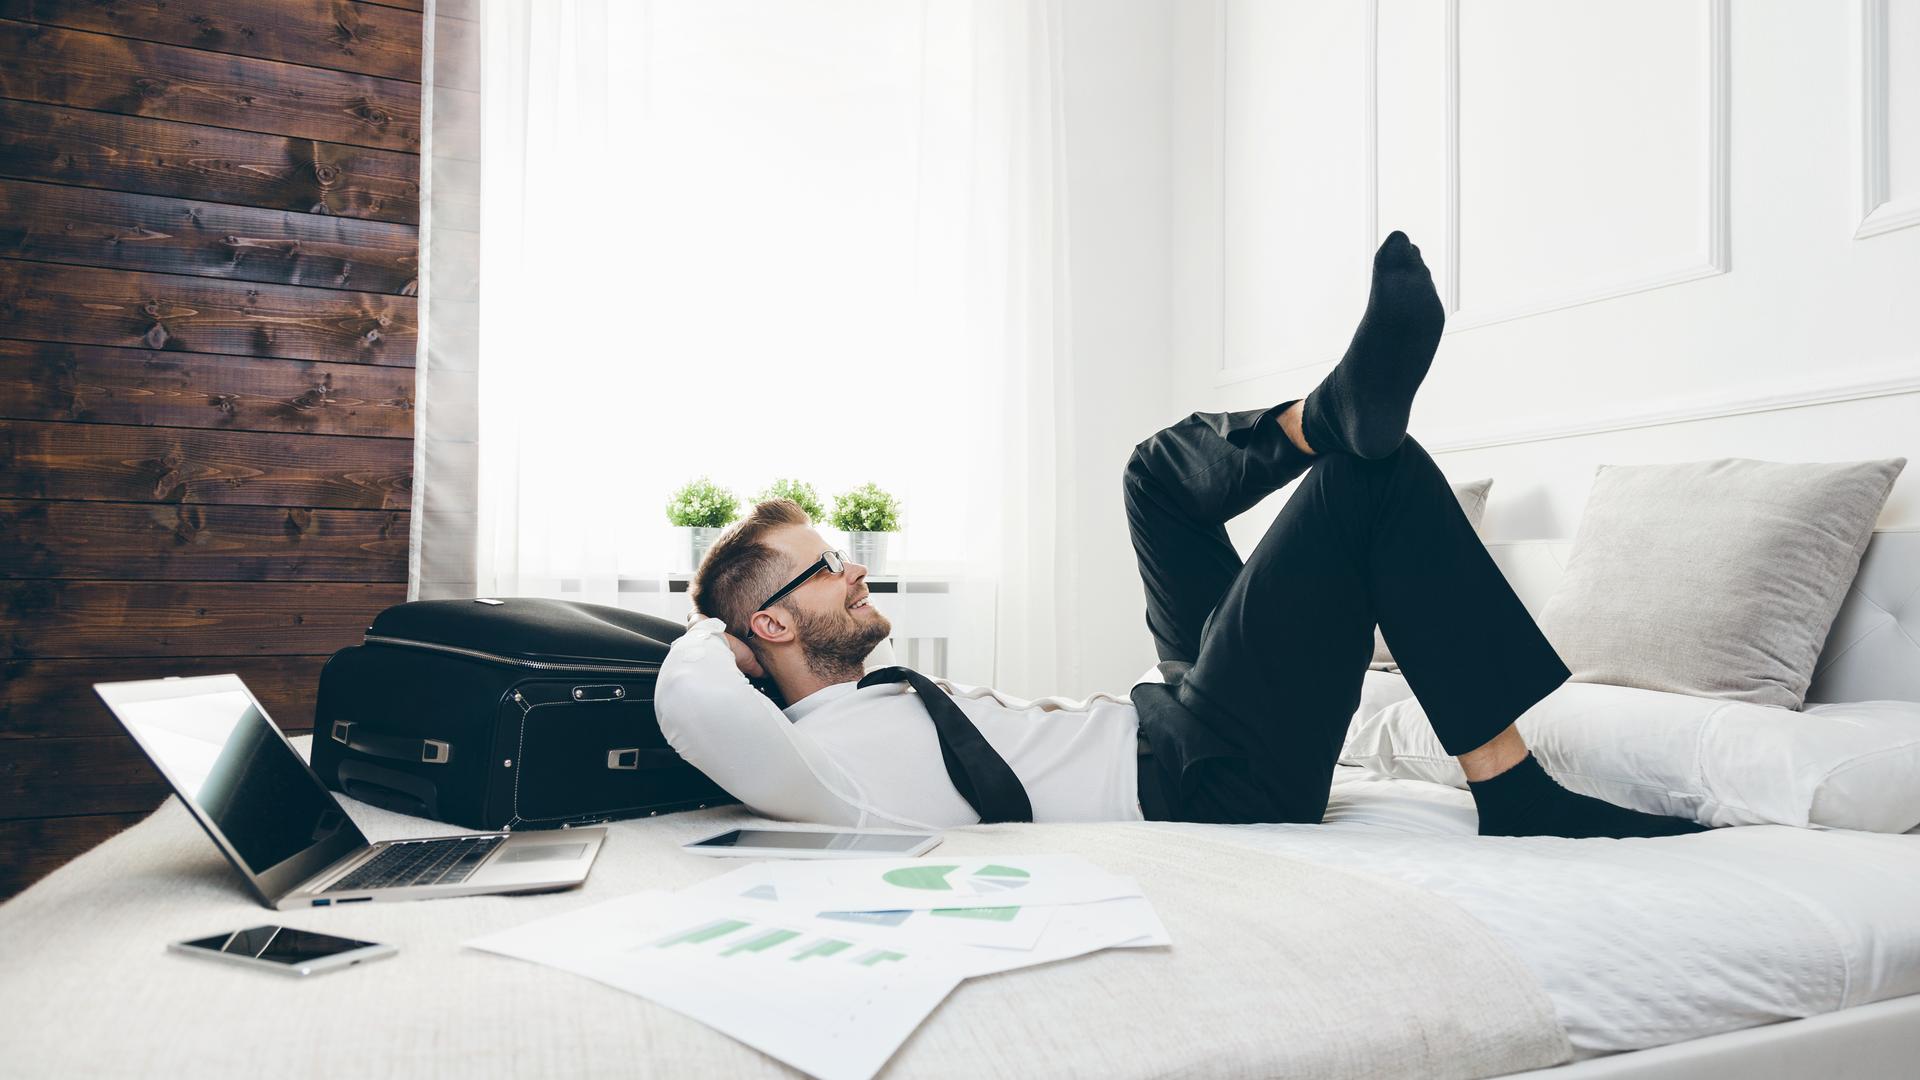 Αποτέλεσμα εικόνας για Cozystay surpasses 2018 bookings by 600% in the first half of 2019